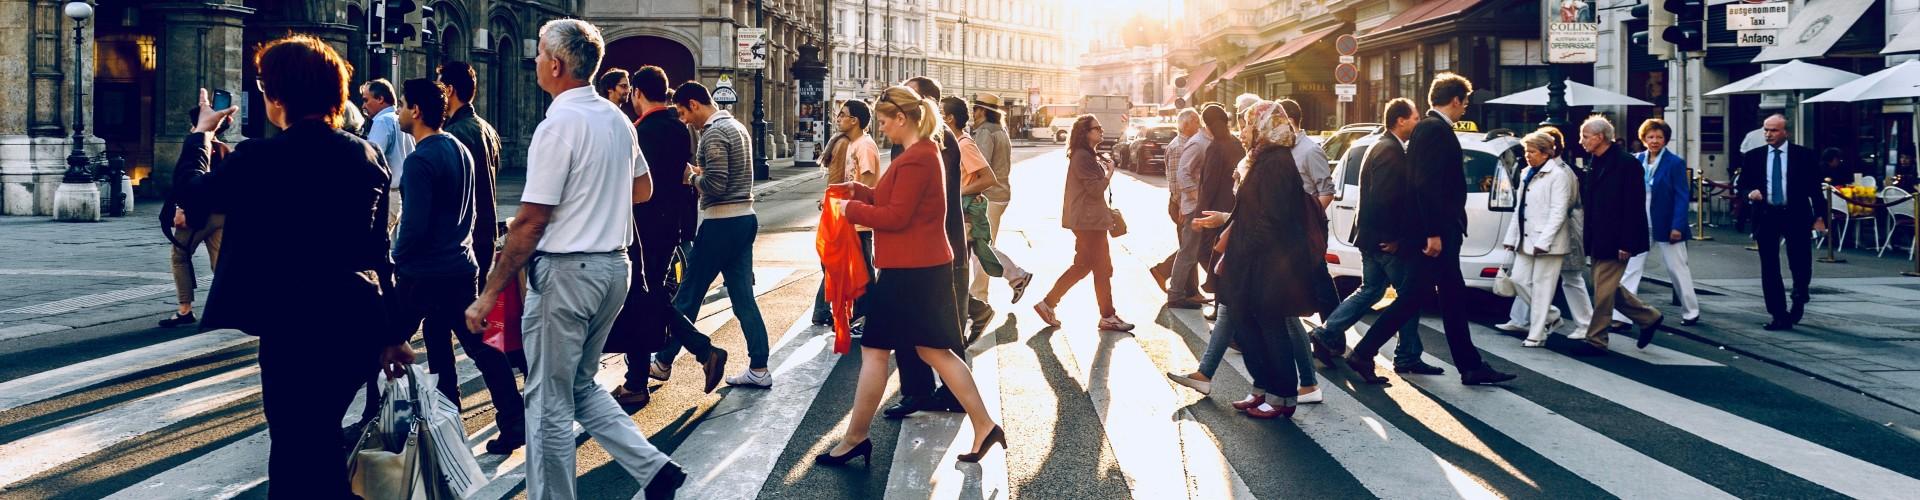 traffic-people